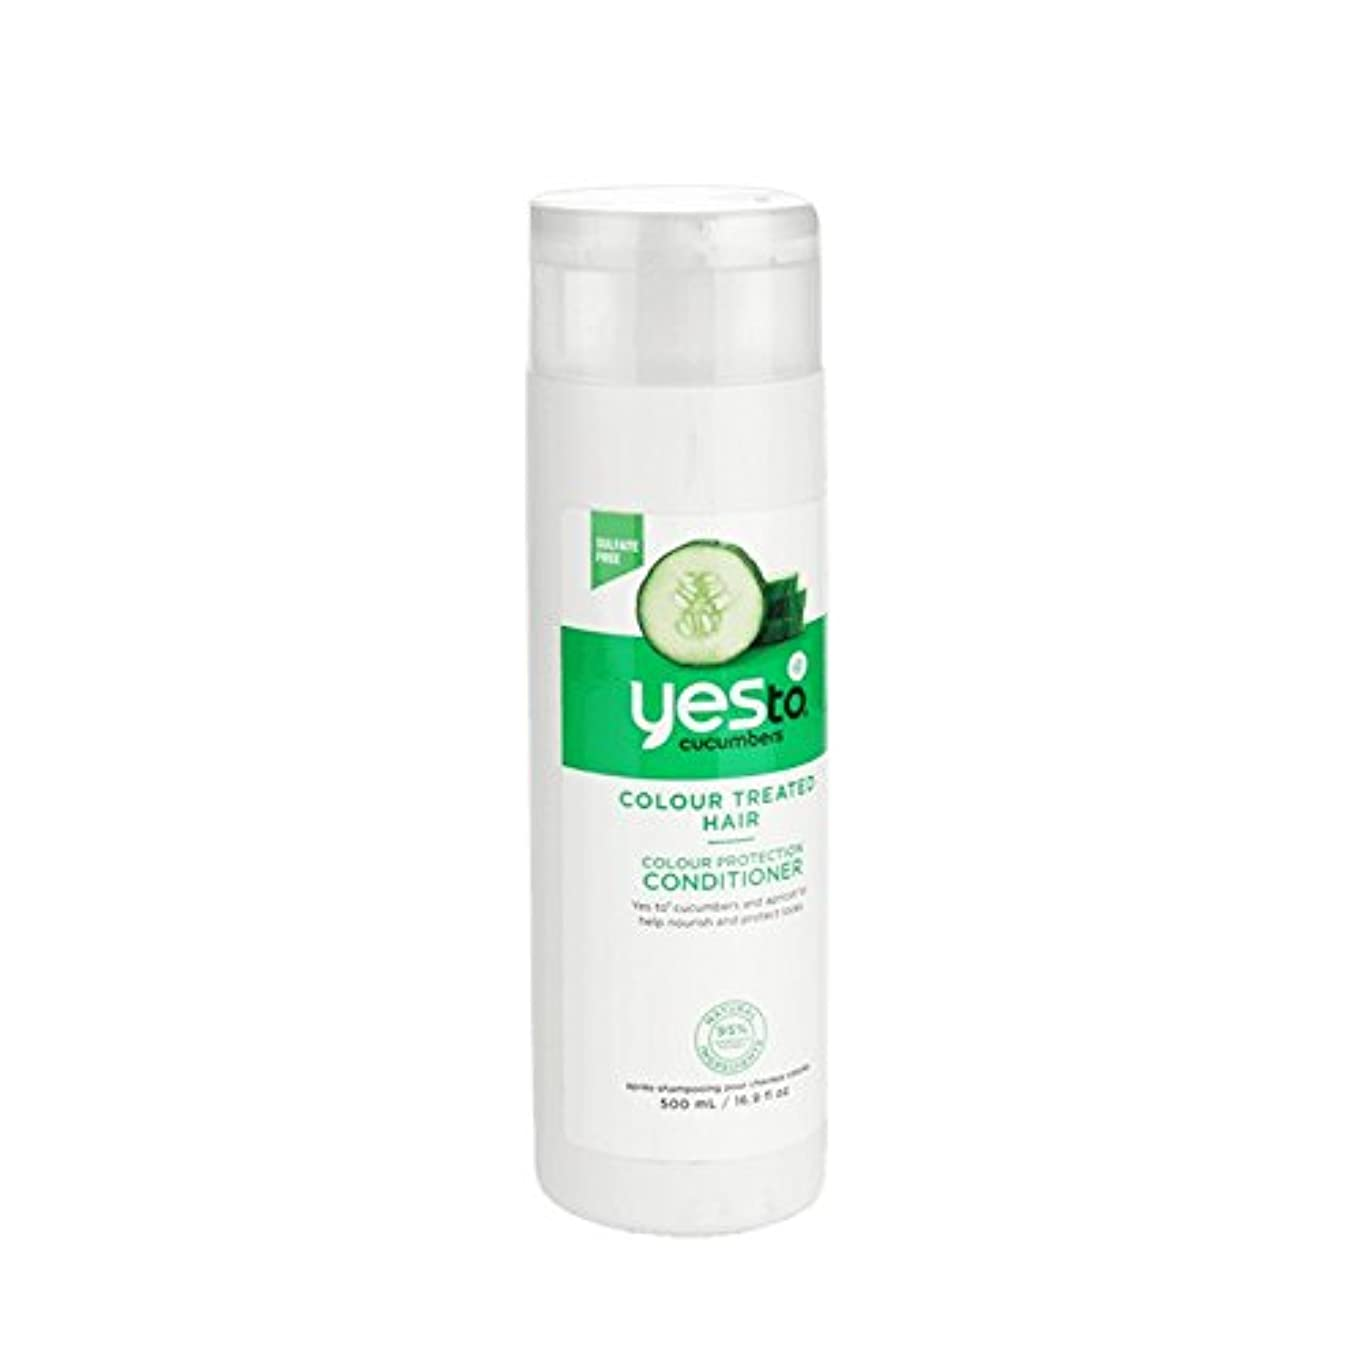 駐地カイウス変わるYes To Cucumbers Colour Protection Conditioner 500ml (Pack of 2) - はいキュウリの色の保護コンディショナー500ミリリットルへ (x2) [並行輸入品]